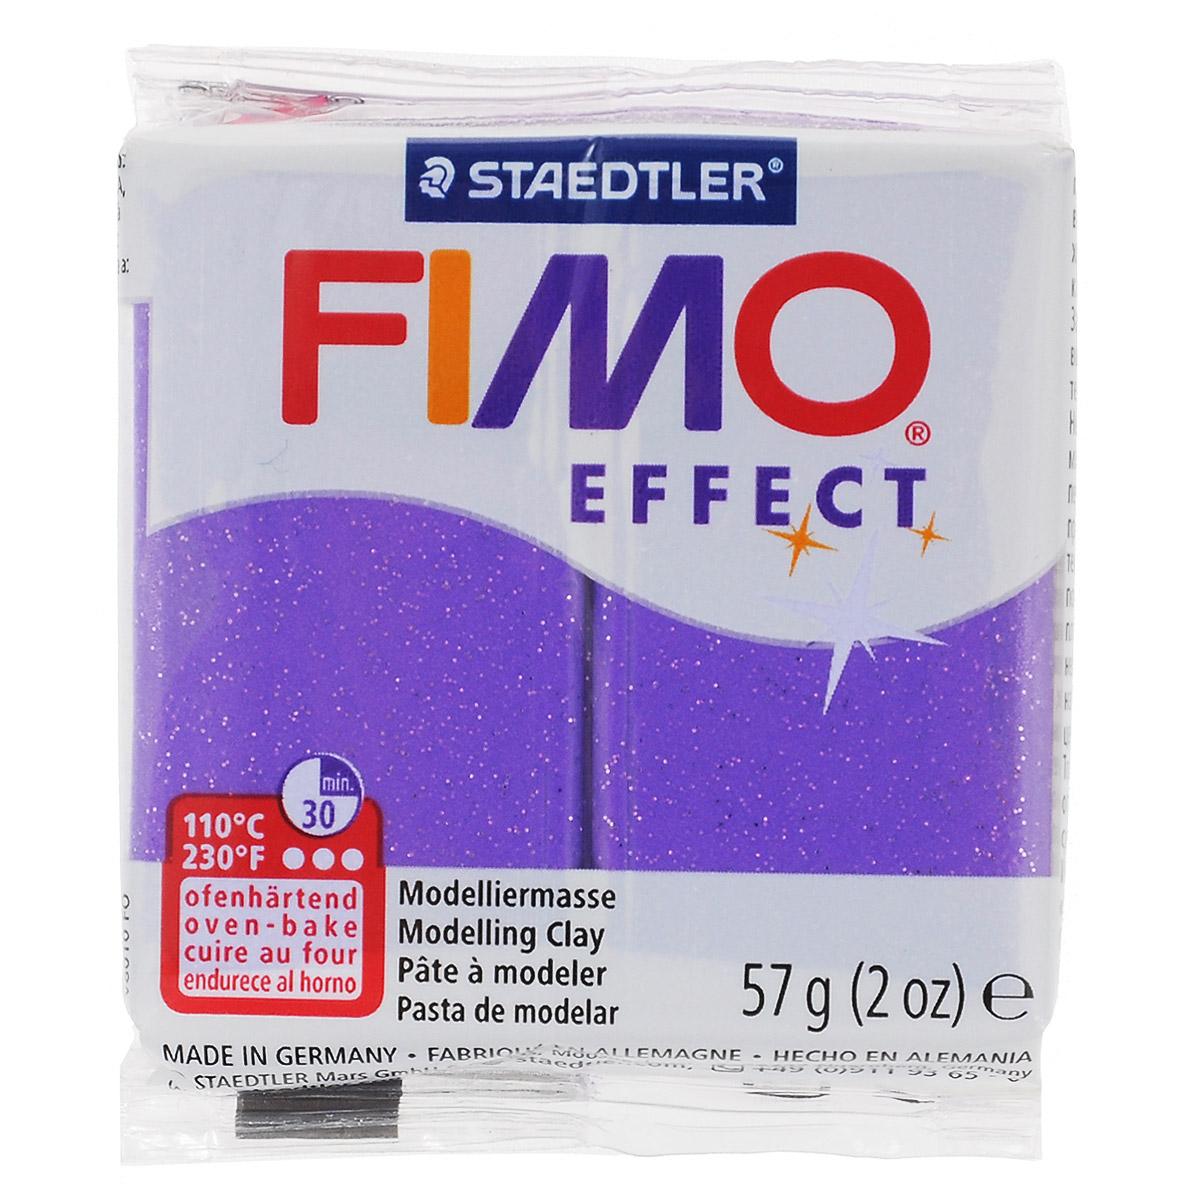 Полимерная глина Fimo Effect Metallic, цвет: лиловый, 57 г8020-602Мягкая глина на полимерной основе (пластика) Fimo Effect Metallic идеально подходит для лепки небольших изделий (украшений, скульптурок, кукол) и для моделирования. Глина обладает отличными пластичными свойствами, хорошо размягчается и лепится, легко смешивается между собой, благодаря чему можно создать огромное количество поделок любых цветов и оттенков. Блок поделен на восемь сегментов, что позволяет легче разделять глину на порции. В домашних условиях готовая поделка выпекается в духовом шкафу при температуре 110°С в течении 15-30 минут (в зависимости от величины изделия). Отвердевшие изделия могут быть раскрашены акриловыми красками, покрыты лаком, склеены друг с другом или с другими материалами. Состав: поливинилхлорид, пластификаторы, неорганические наполнители, цветные пигменты.